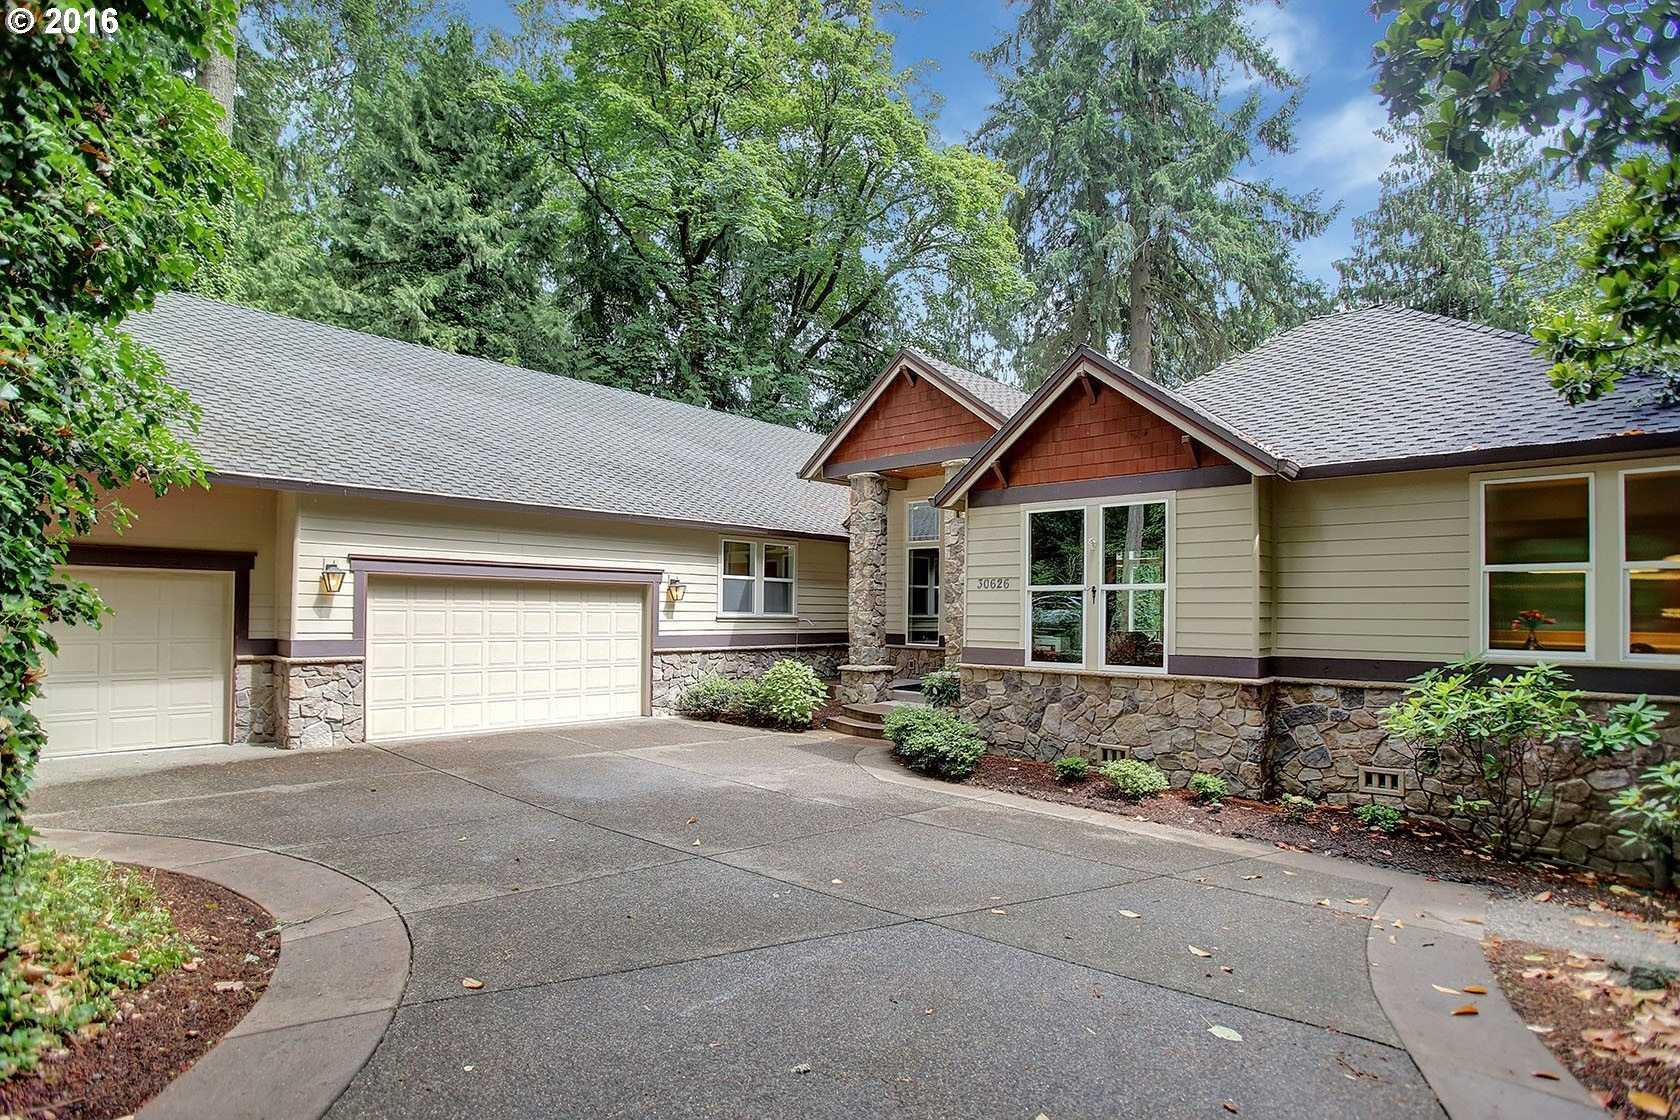 $1,480,000 - 5Br/5Ba -  for Sale in Willamette River, Wilsonville